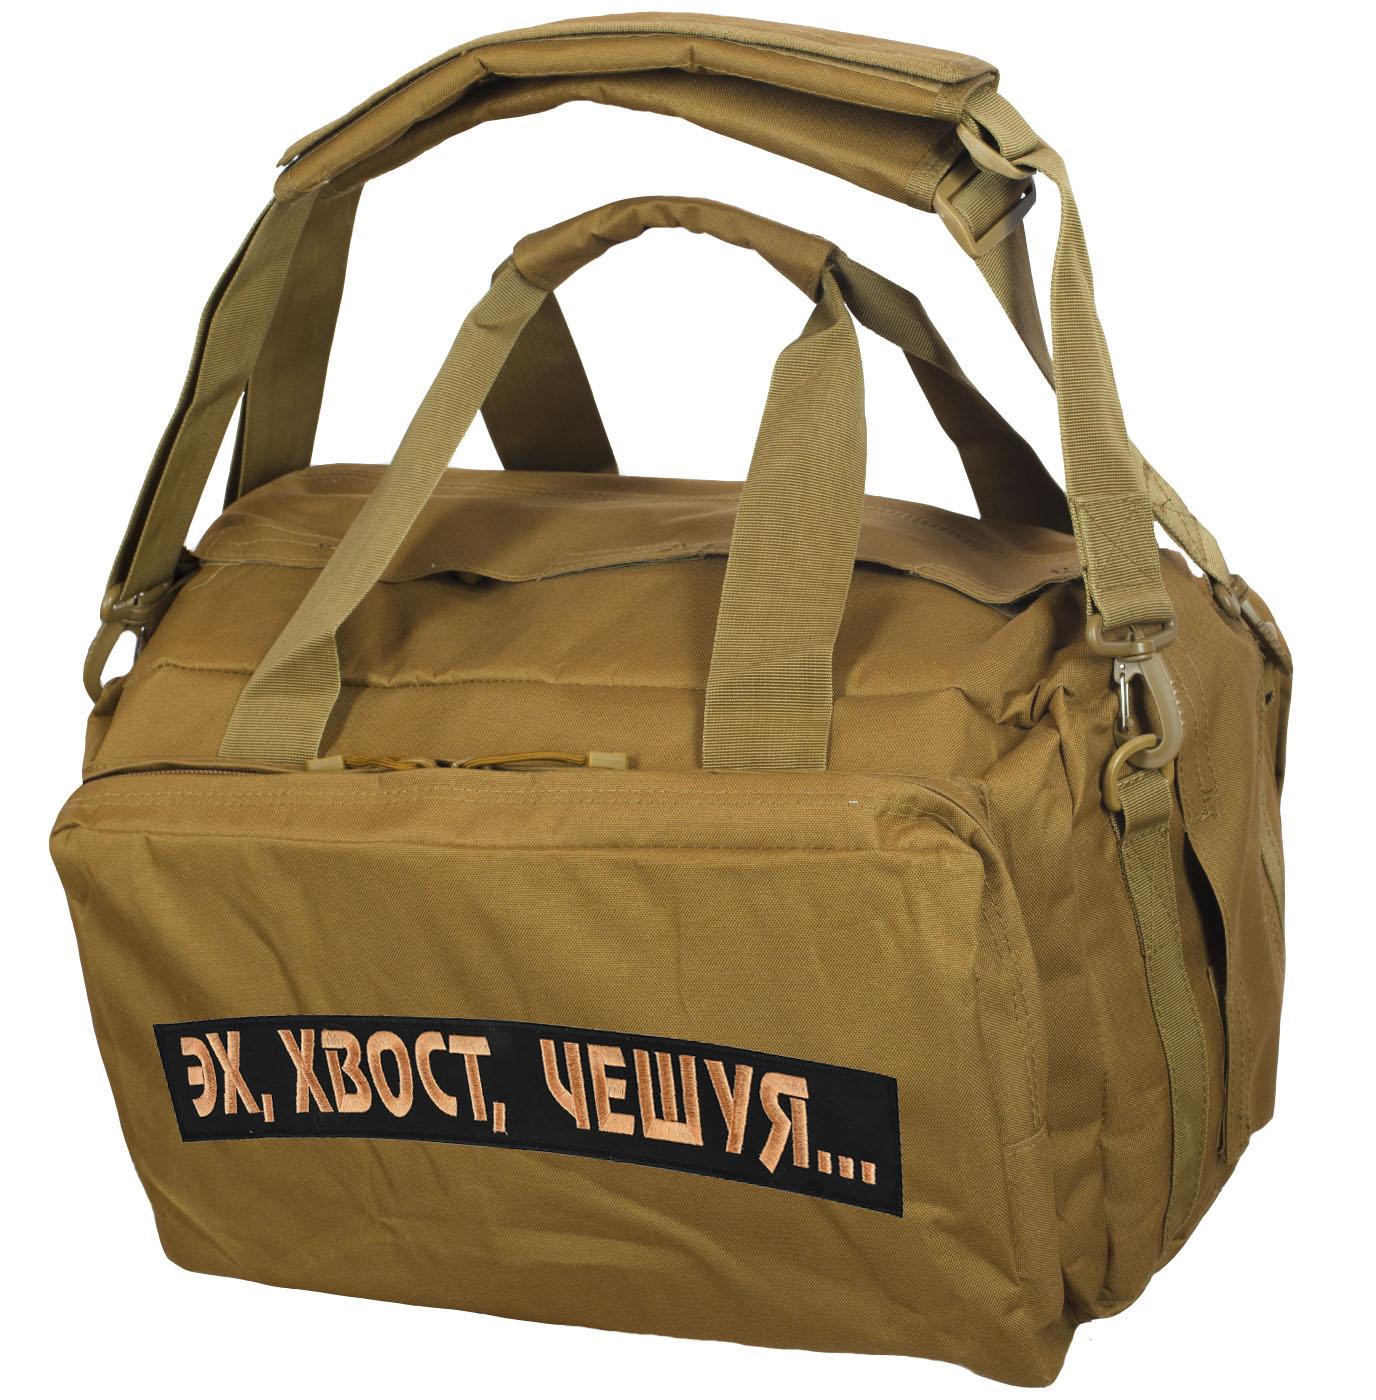 Заплечная сумка-рюкзак с нашивкой Эх, хвост, чешуя - купить онлайн